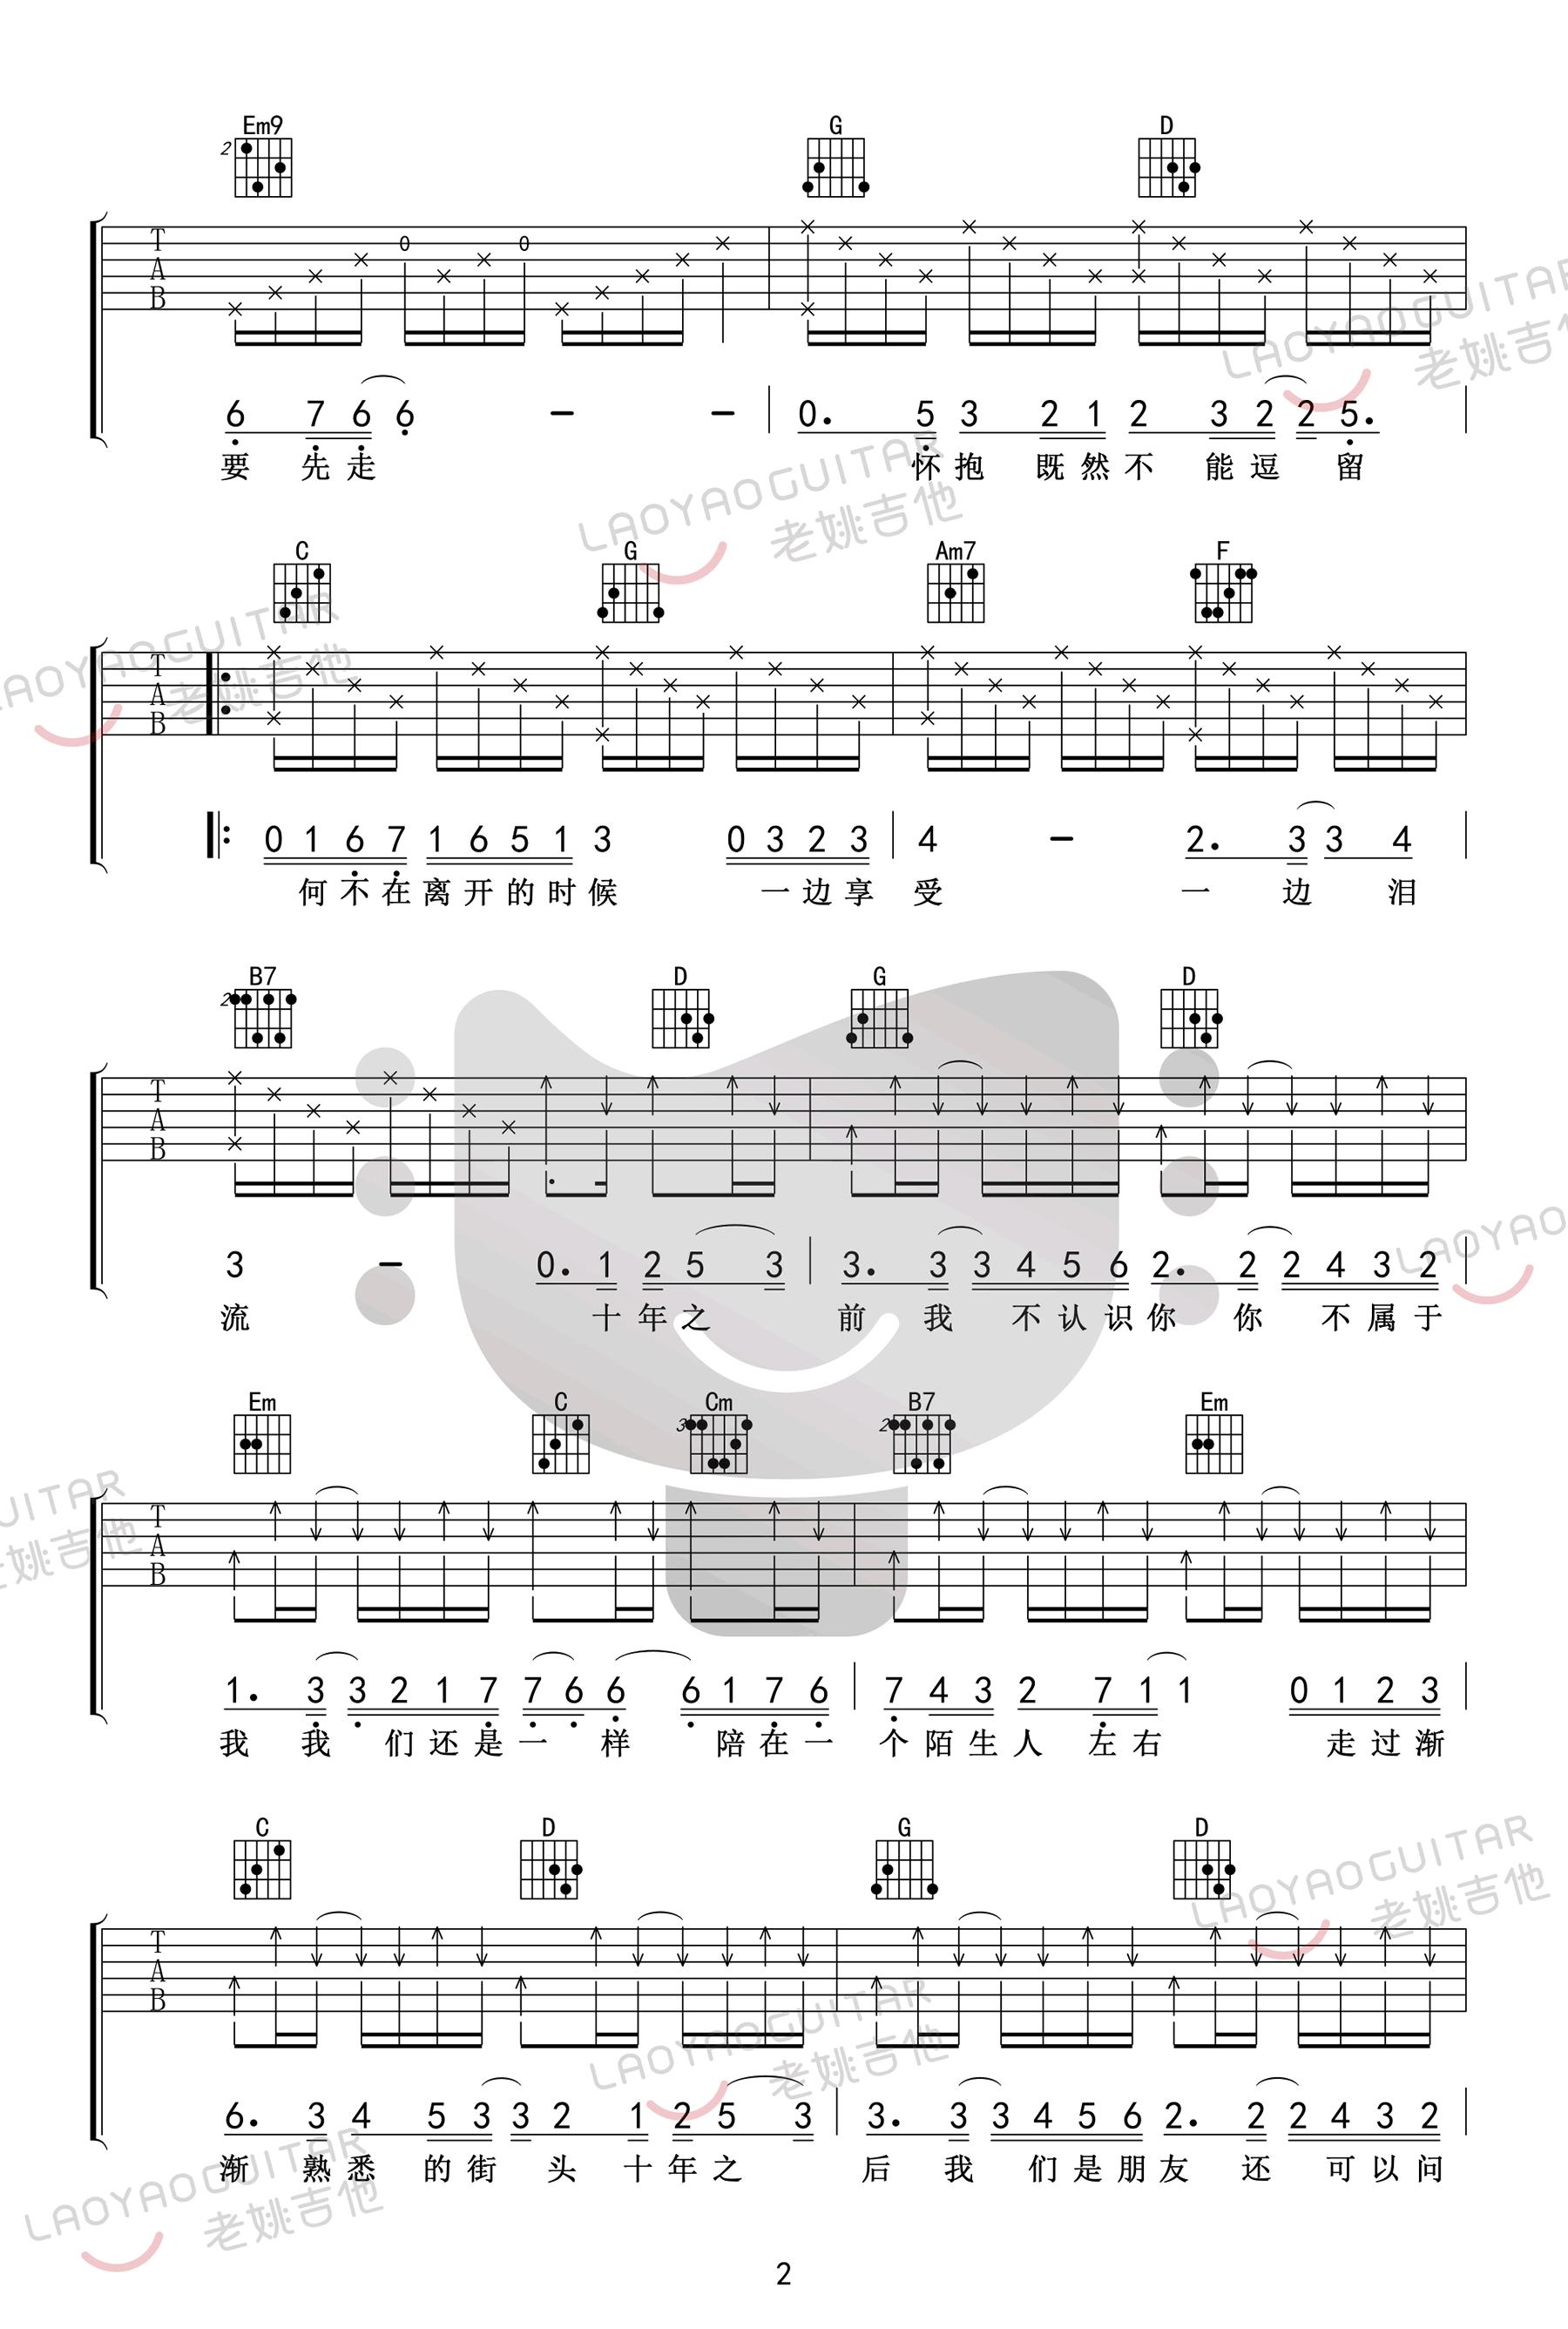 陈奕迅《十年》吉他谱-原版六线谱-2